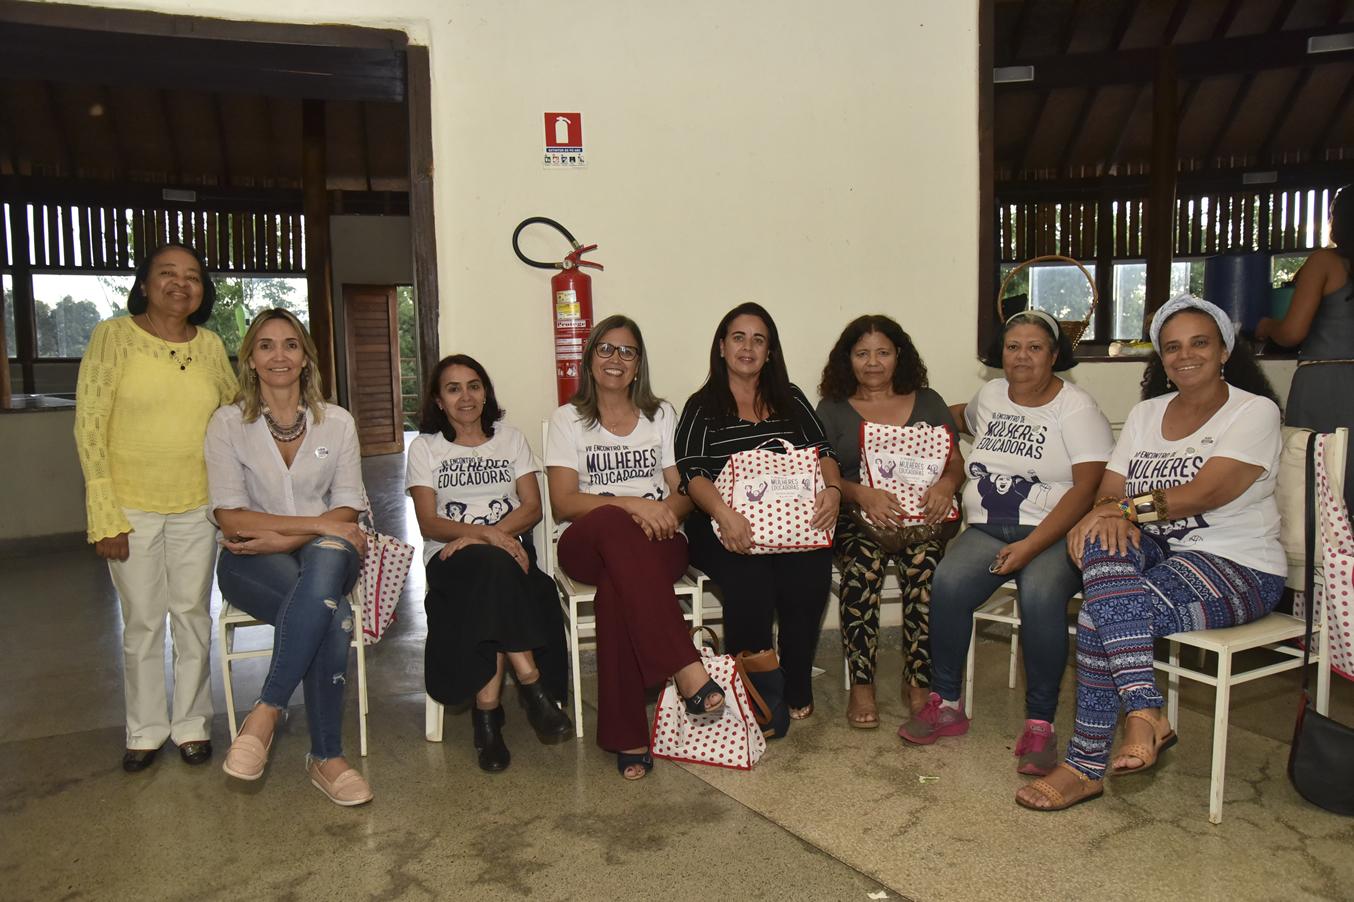 2019.04.27_ENCONTRO-MULHERES-EDUCADORAS_fotos-Deva-Garcia-136